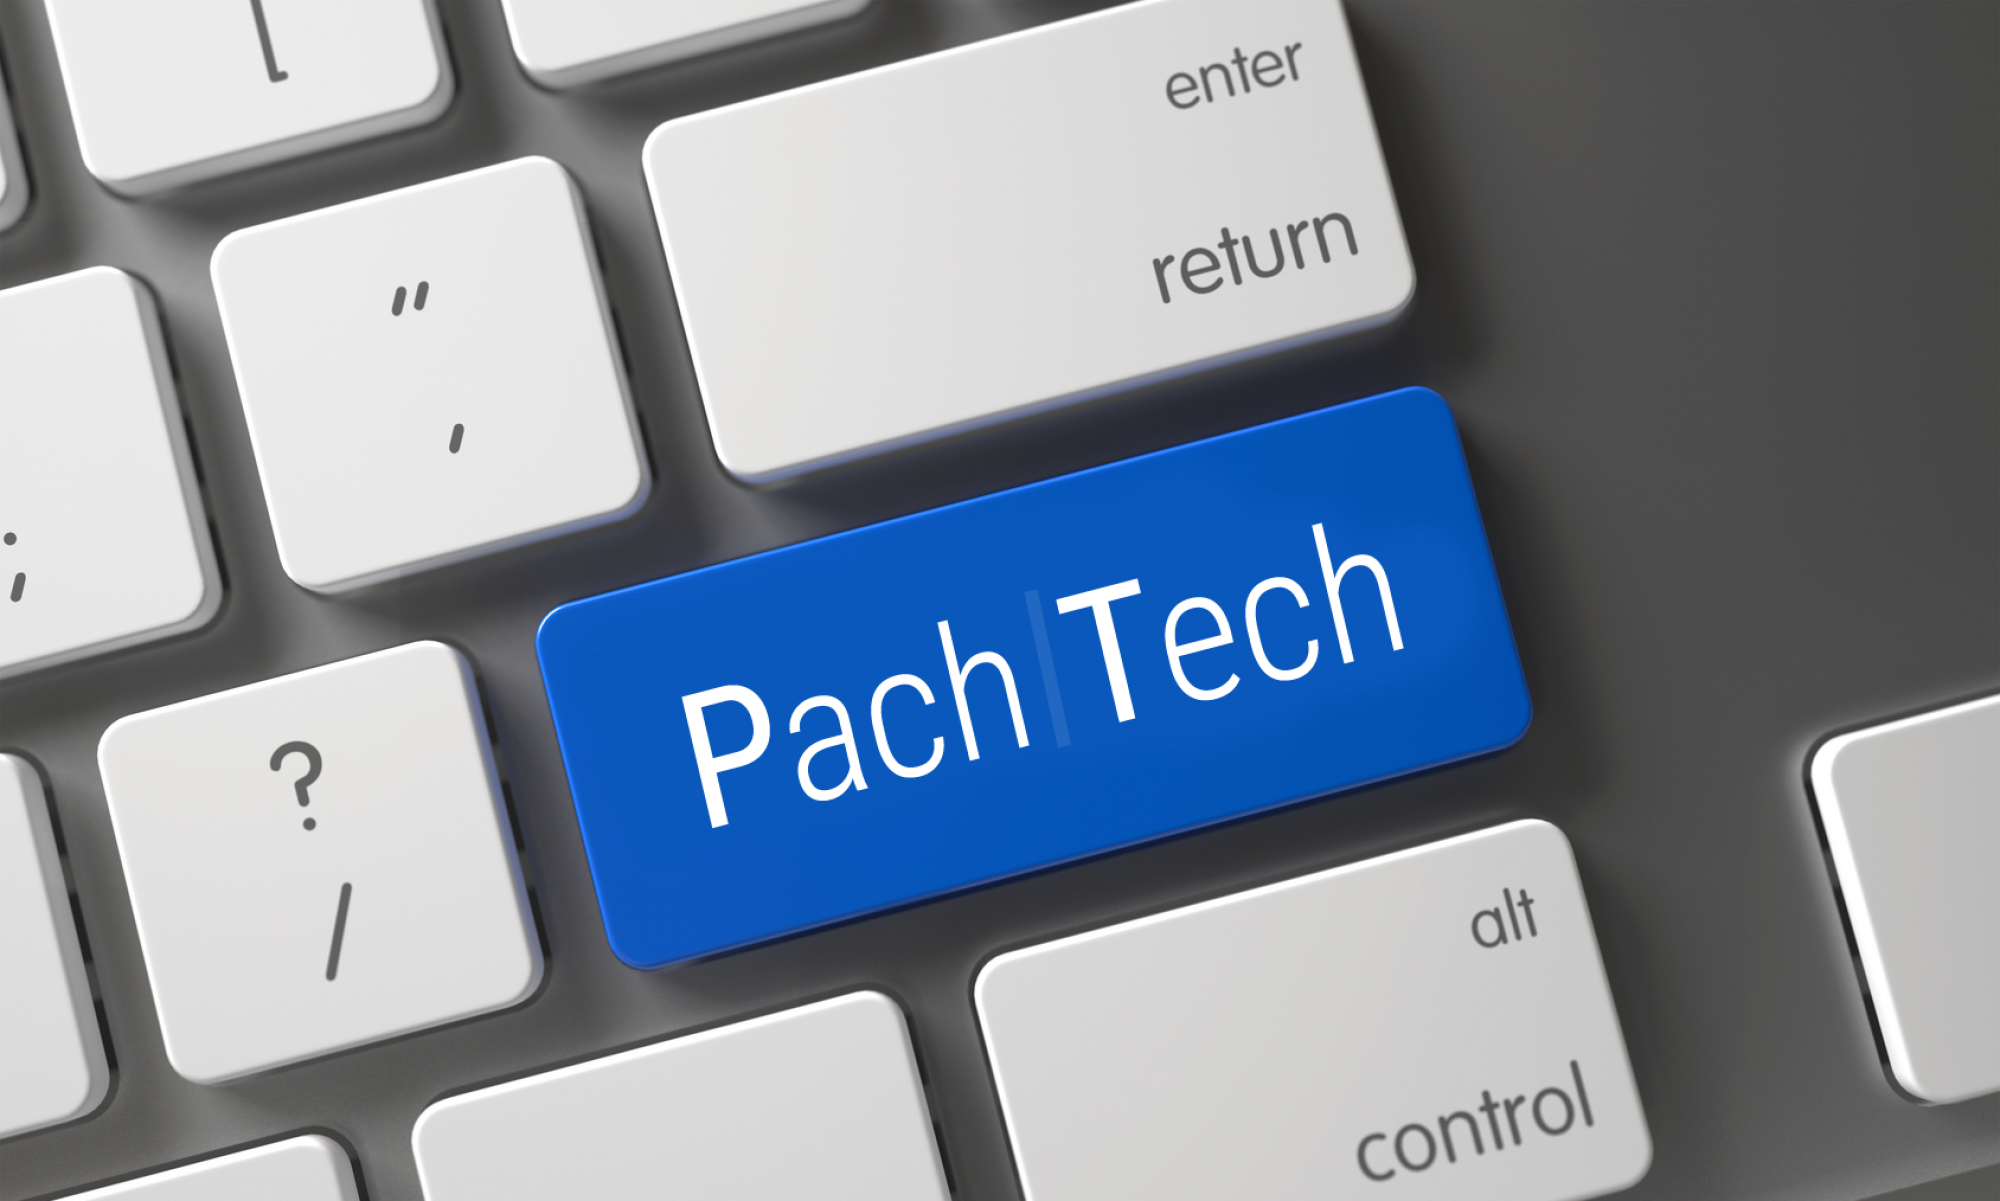 PachTech